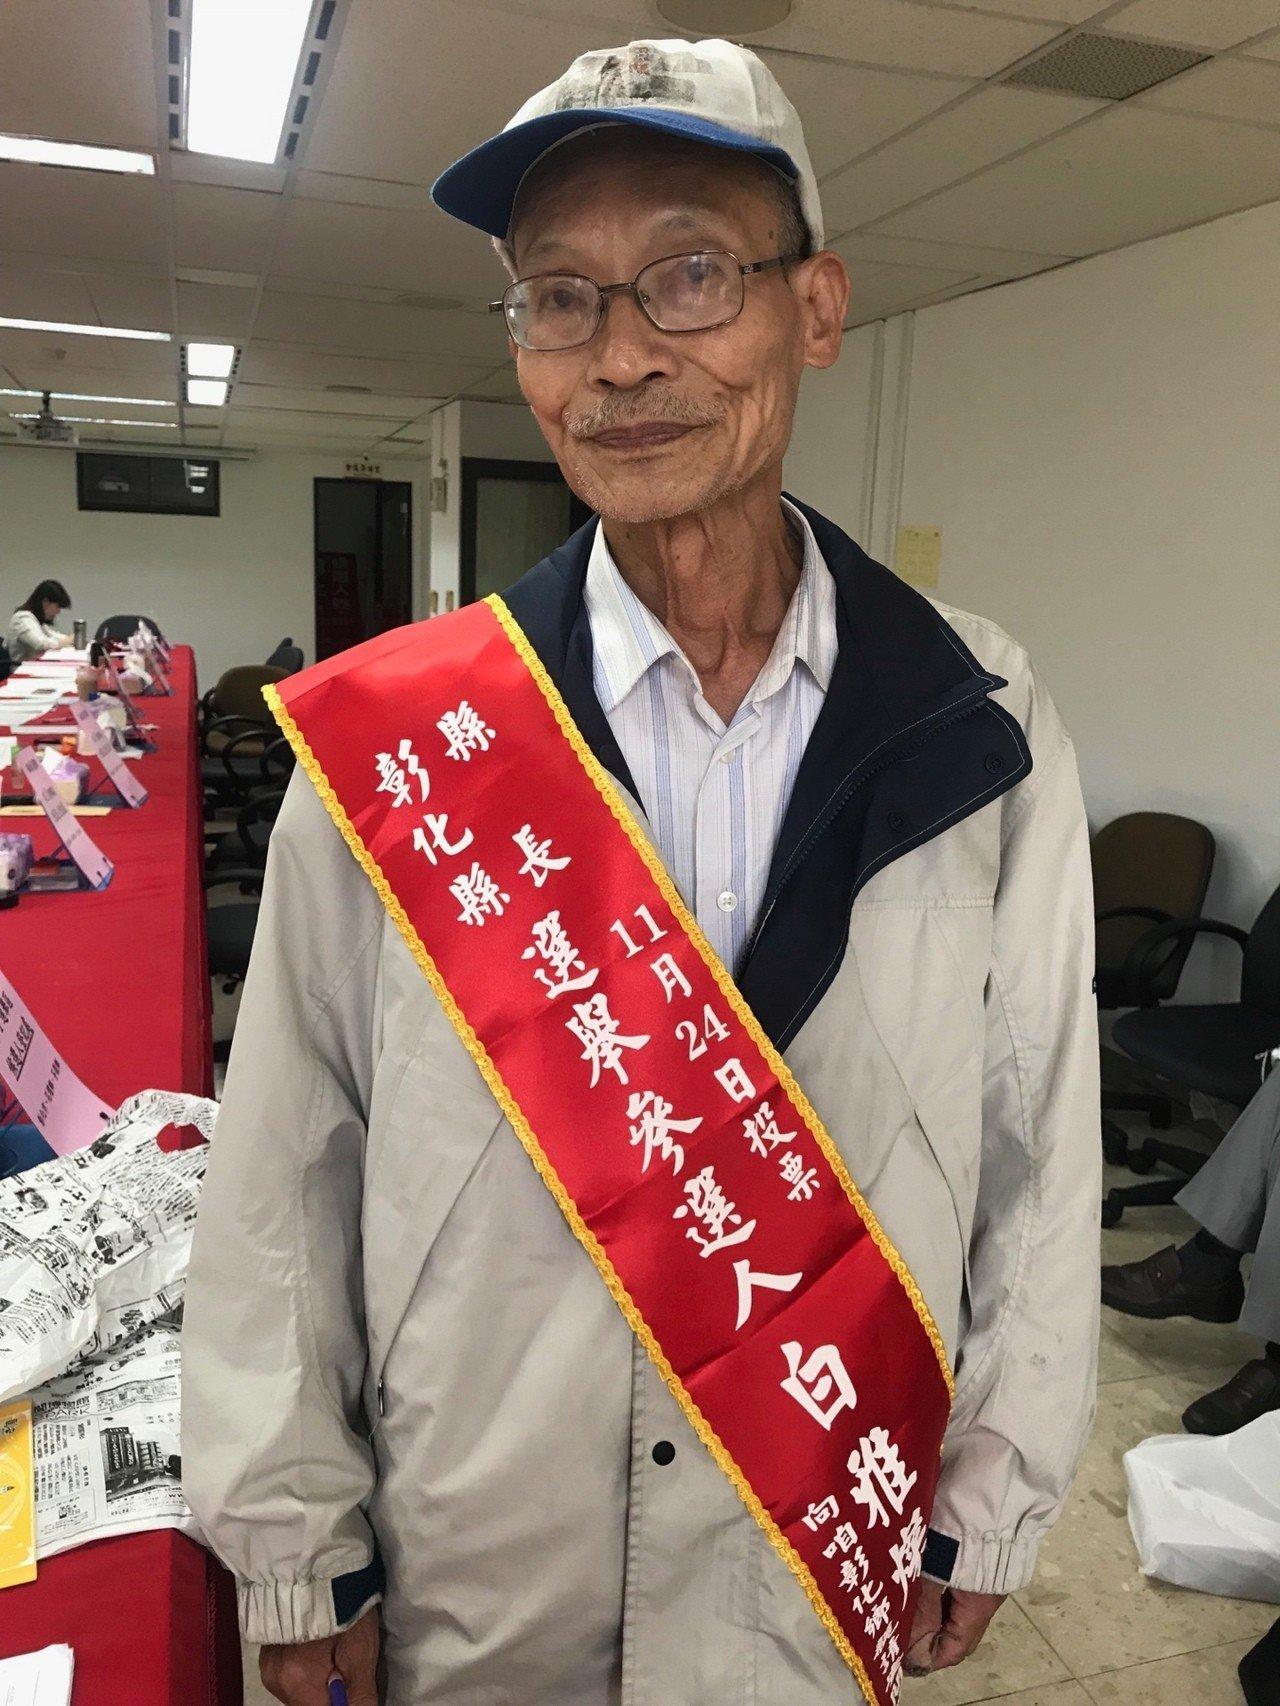 無黨籍的白雅燦政大法律系畢業,他在70、80年代曾因言論問題做過政治牢13年,出...